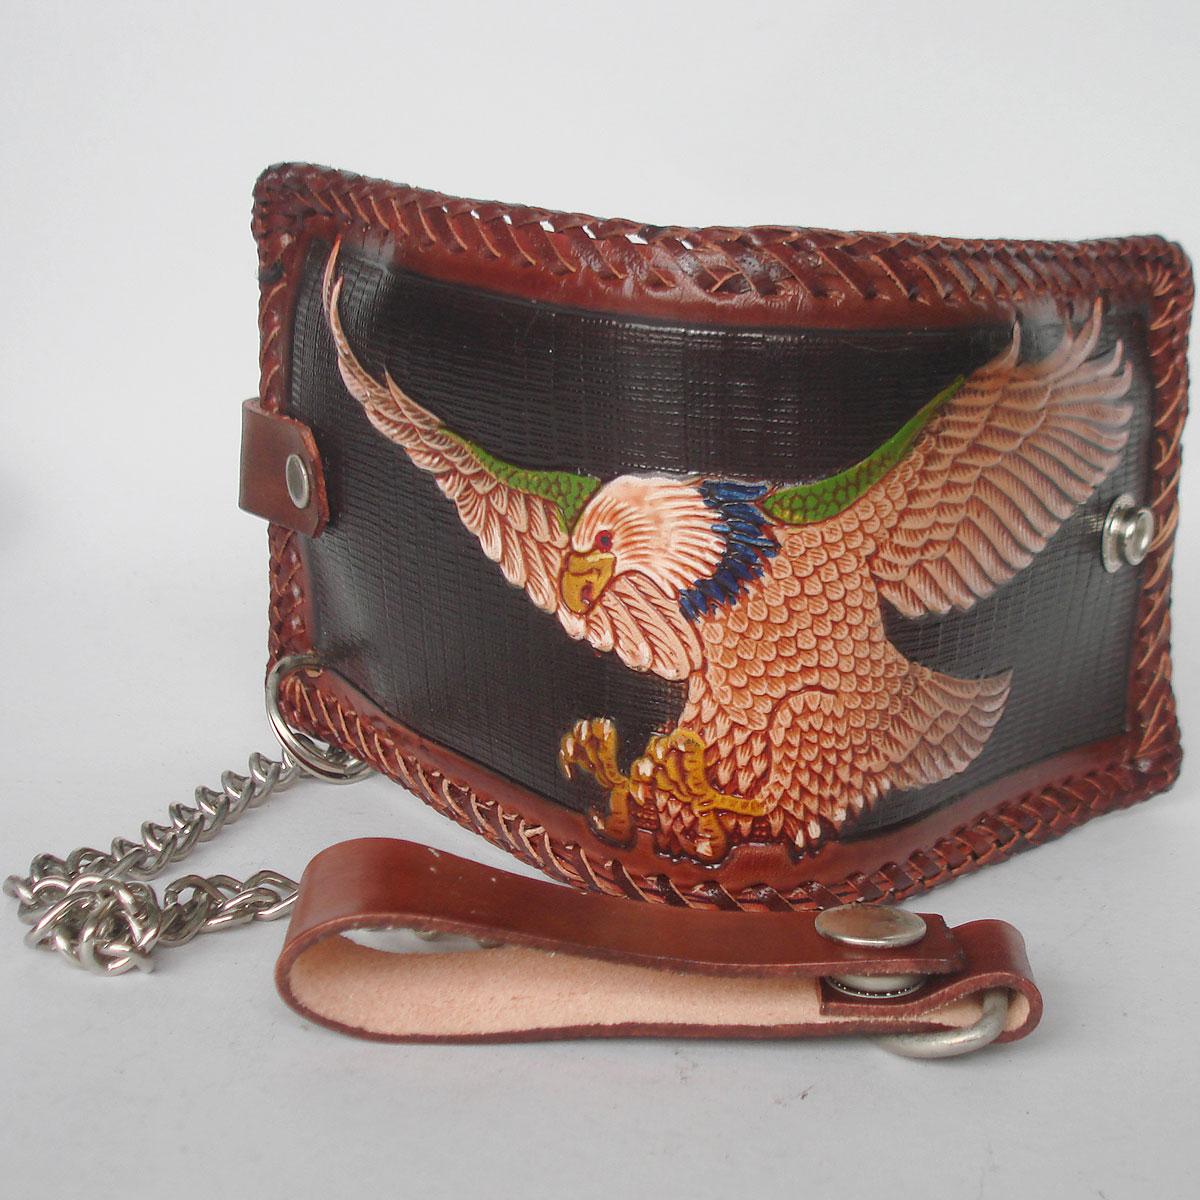 กระเป๋าสตางค์ลวดลายนกอินทรีย์กางปีก 2 พับ พร้อมโซ่ Line id : 0853457150